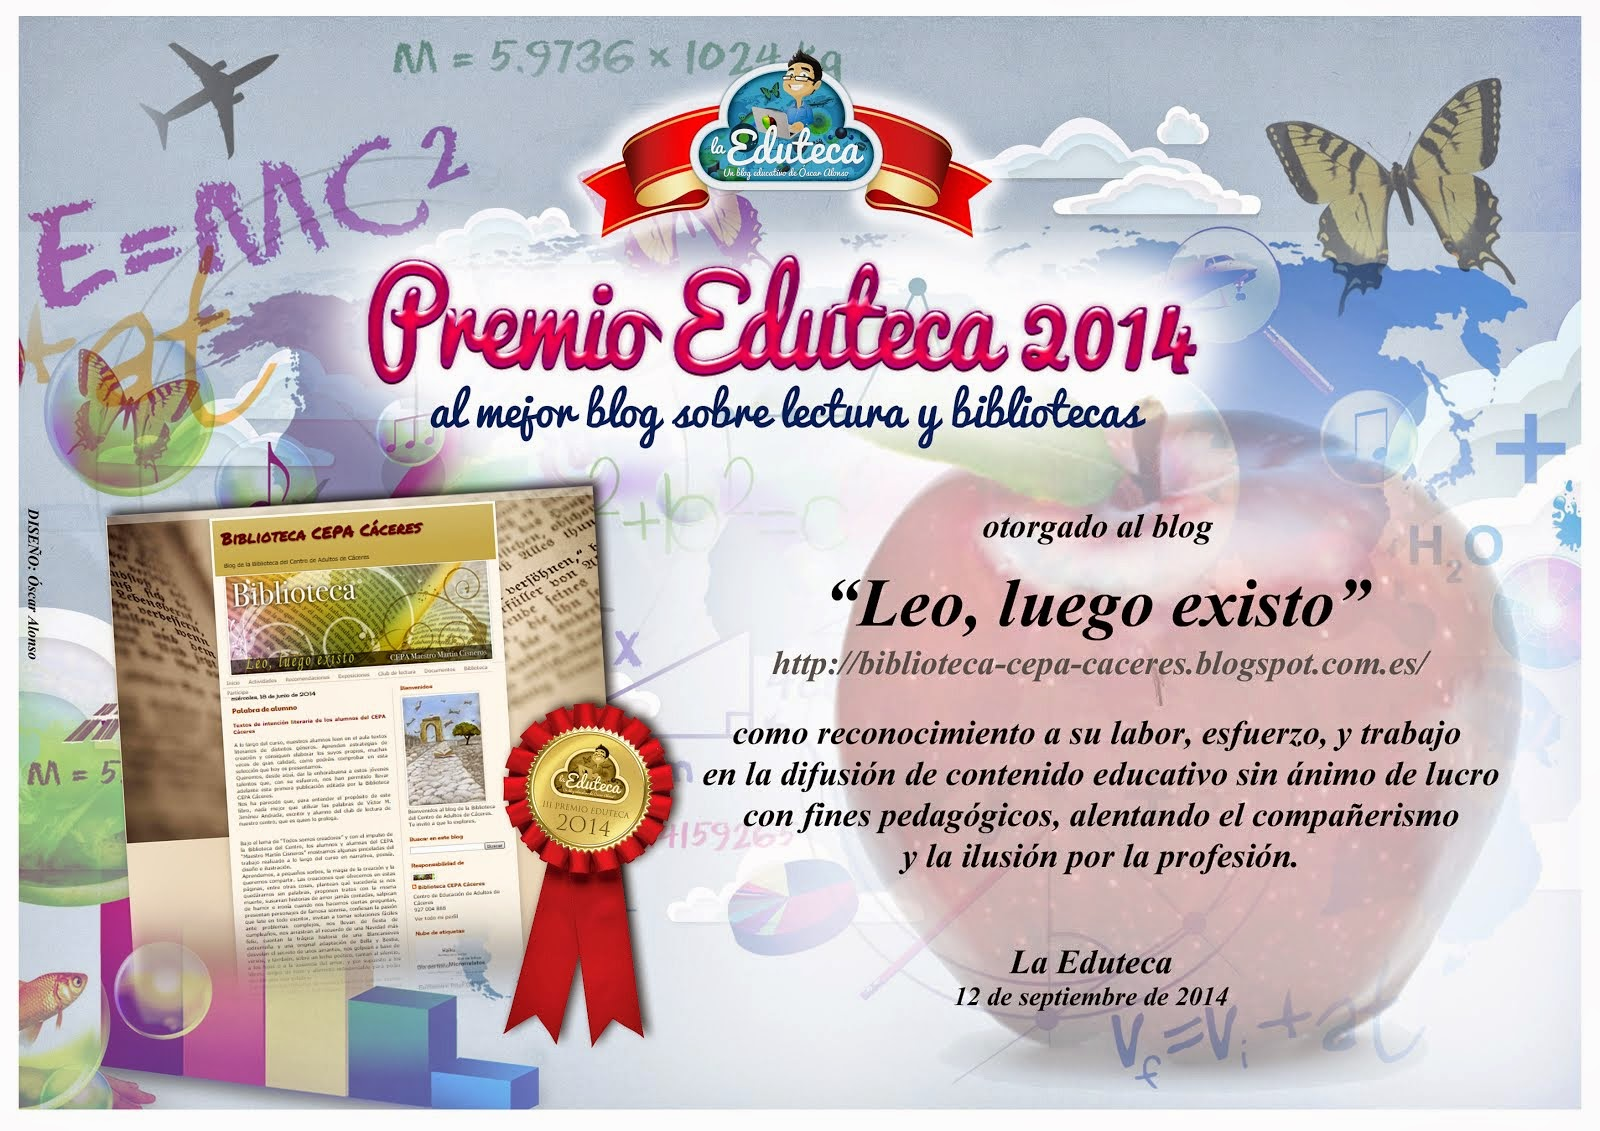 Ganador del Premio Eduteca 2014 Mejor Blog de Lectura y Bibliotecas